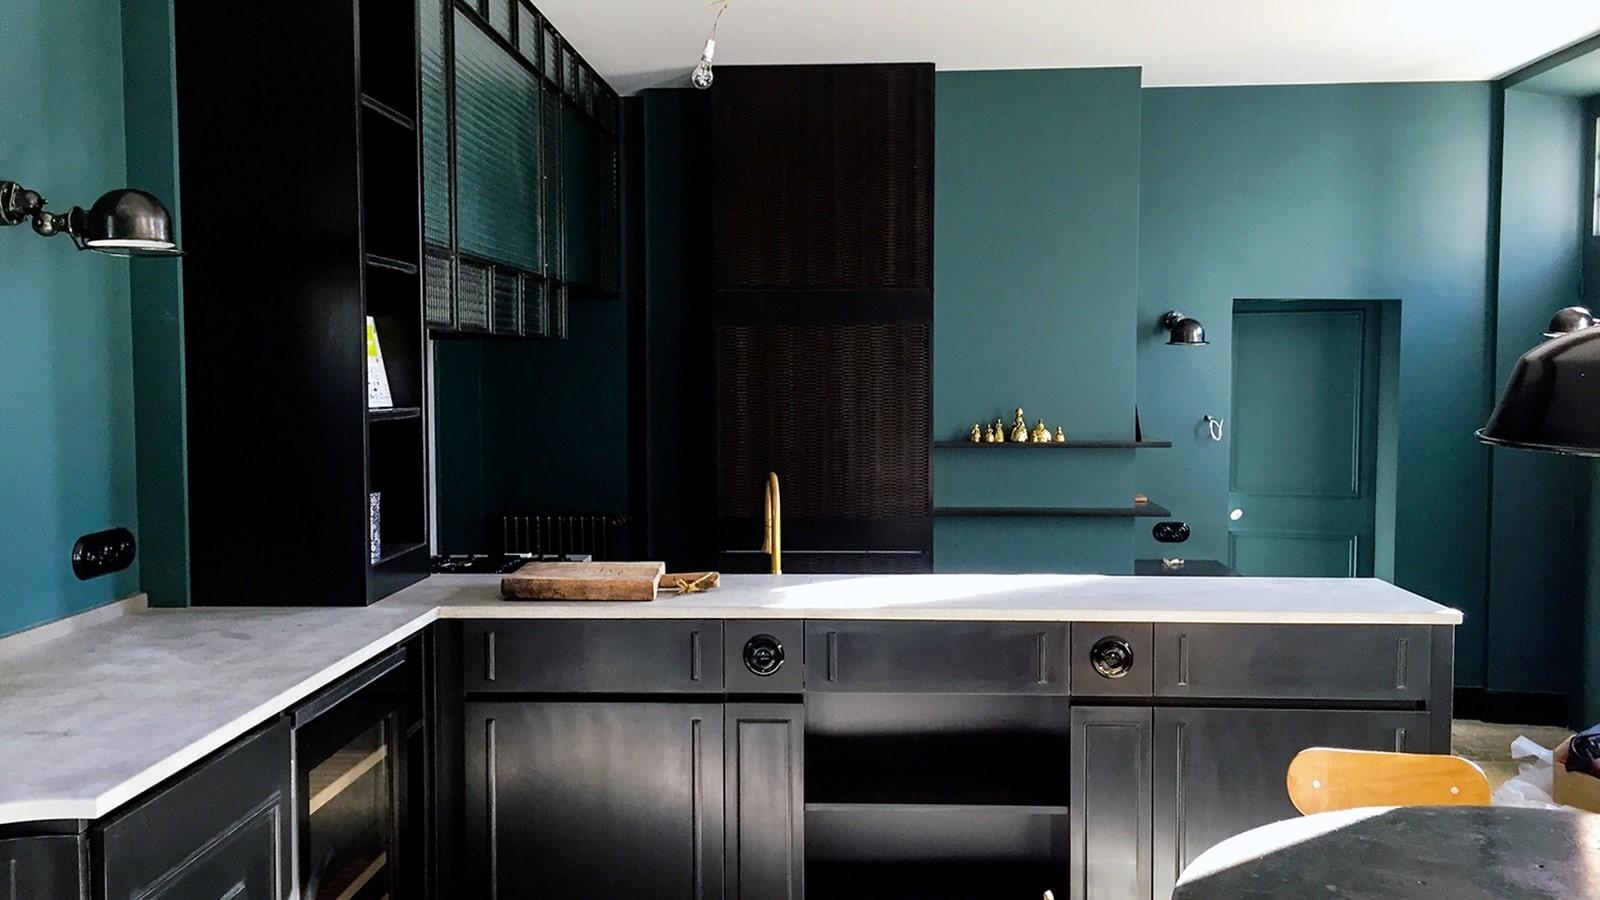 Cuisine Mud Room Saint Hilarion Efi Design (4)